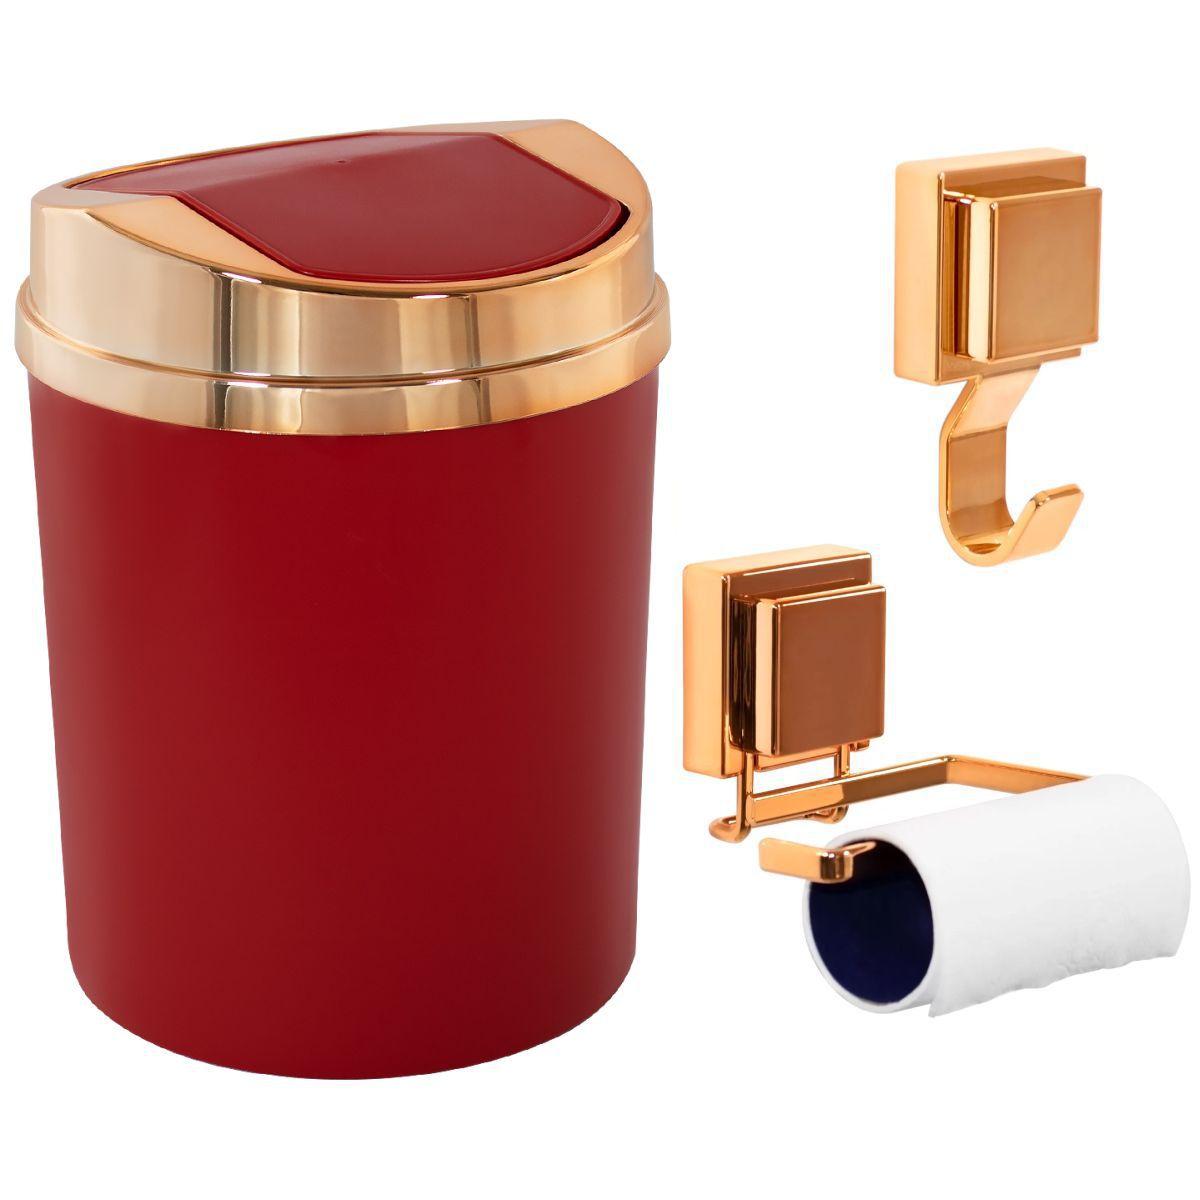 Lixeira Basculante Papeleira Gancho Multiuso Rosé Gold